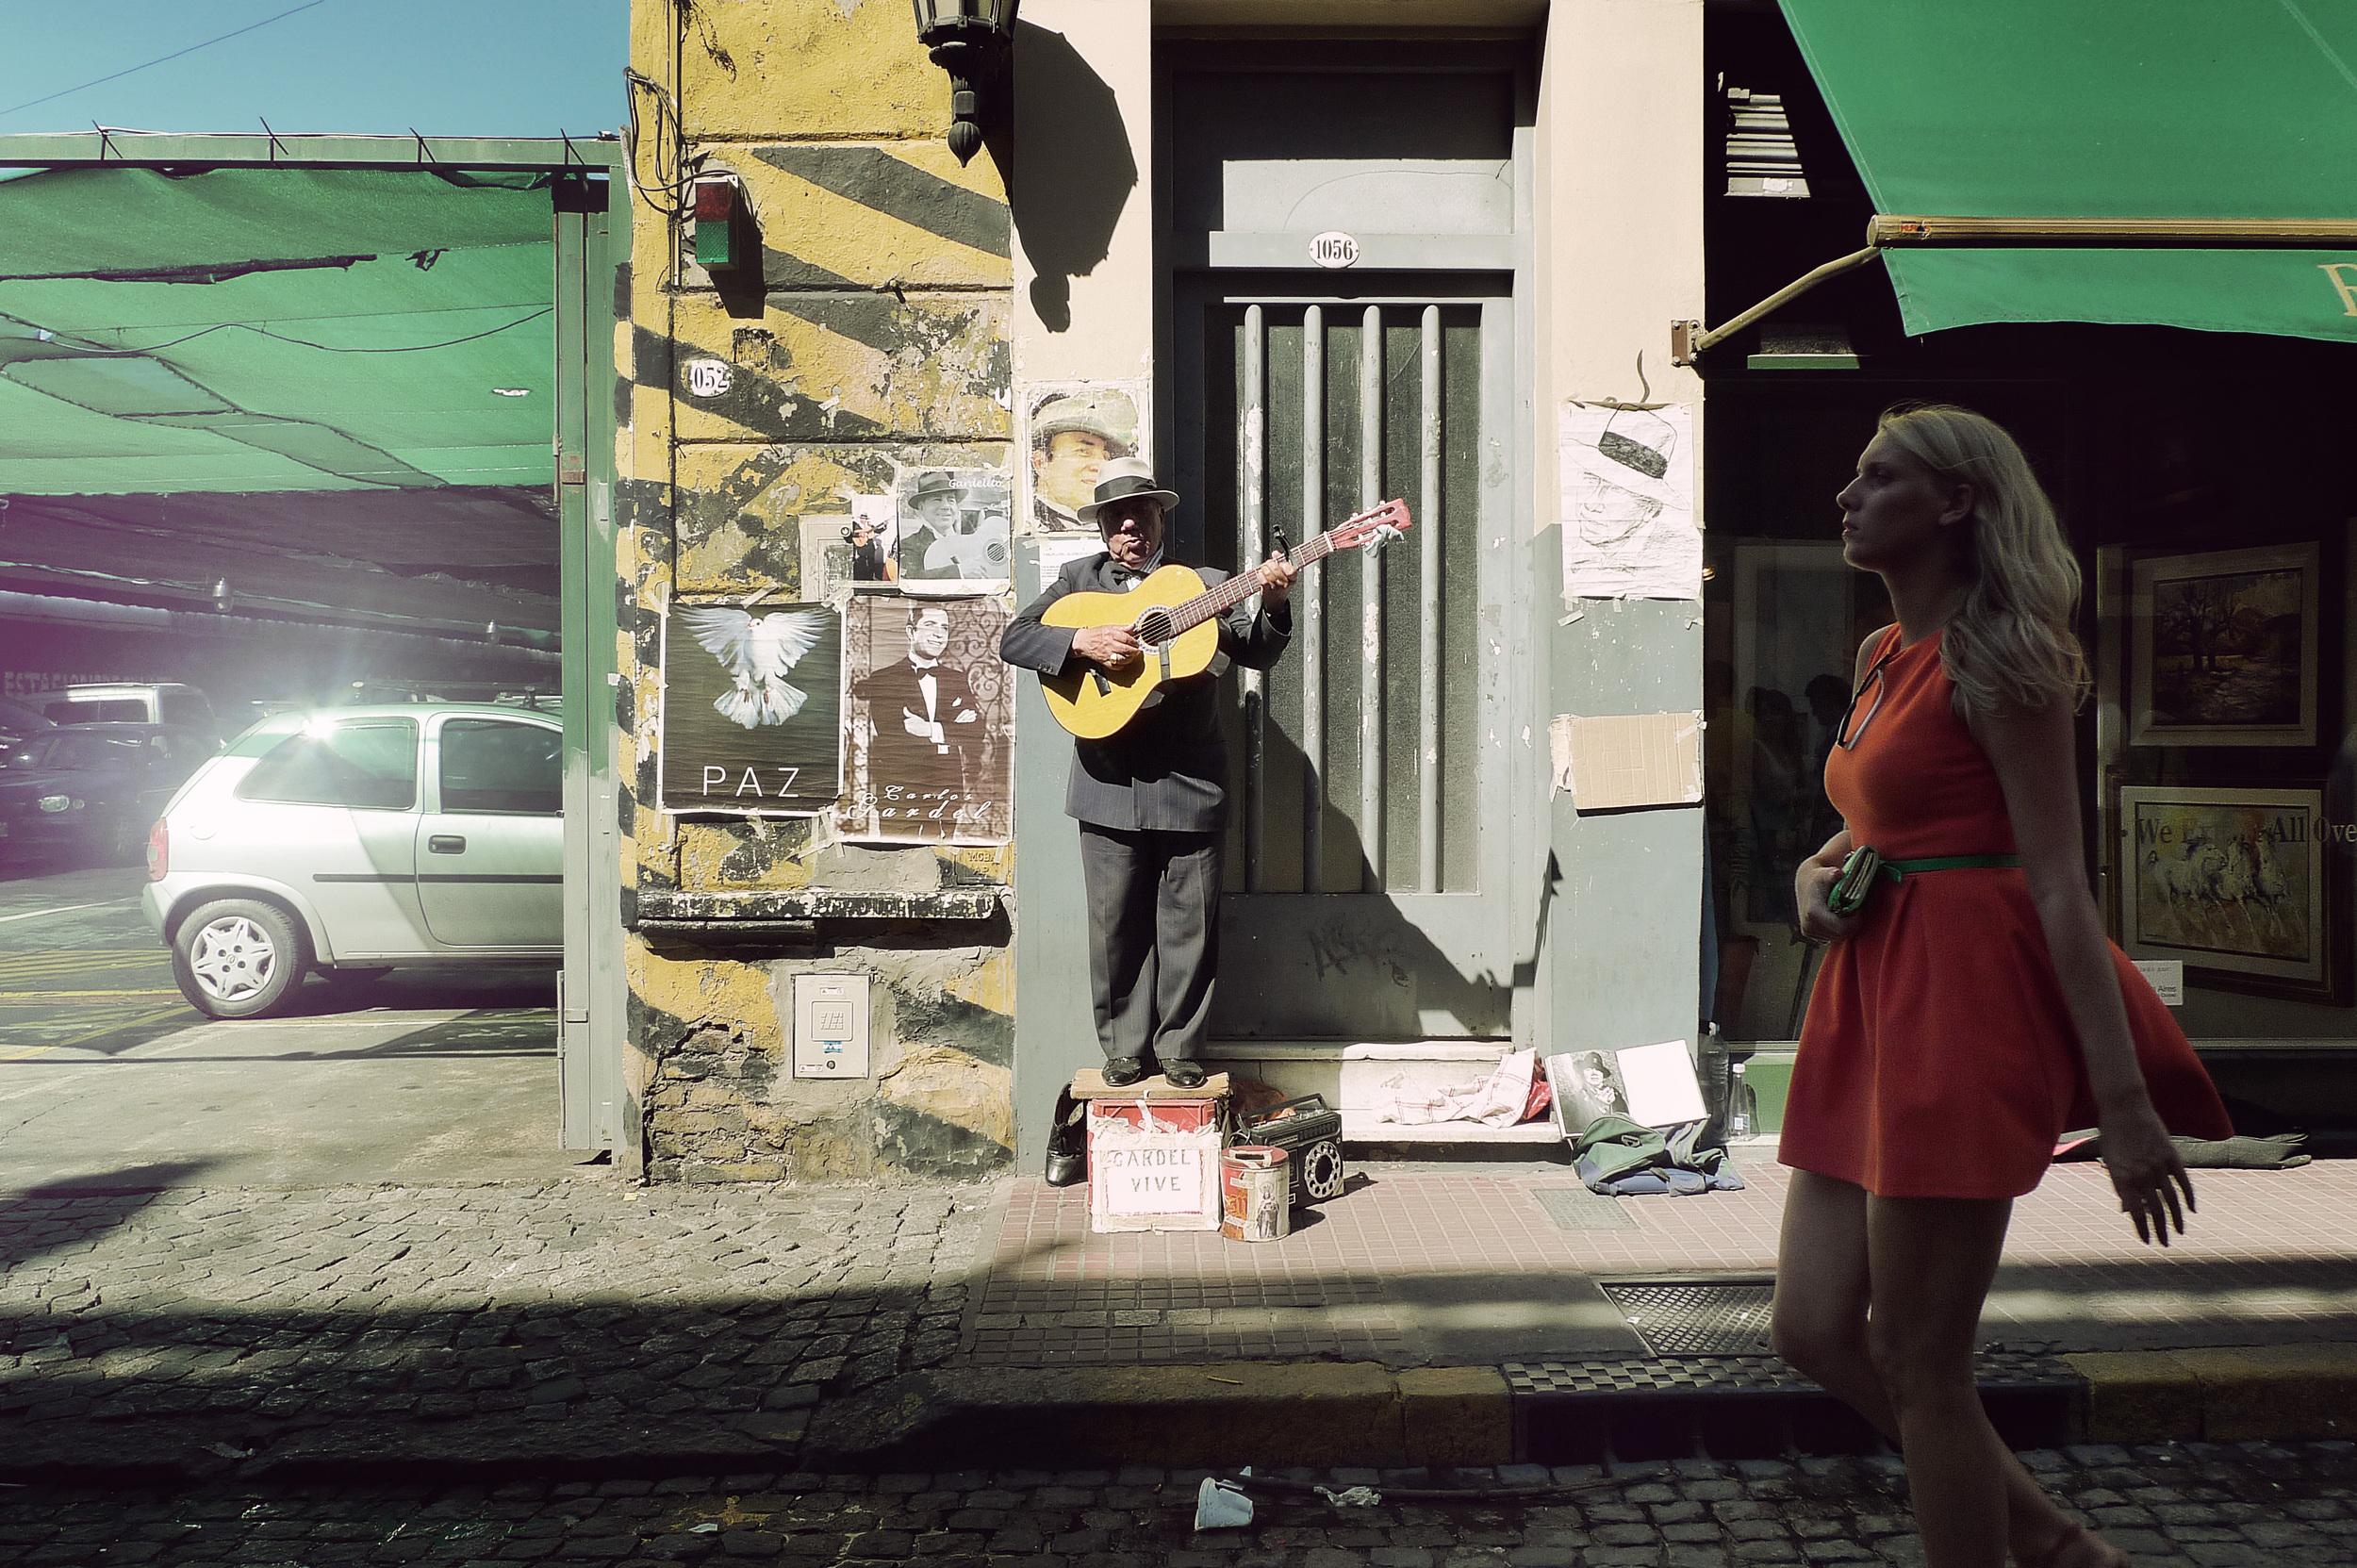 P1110657_musician.jpg